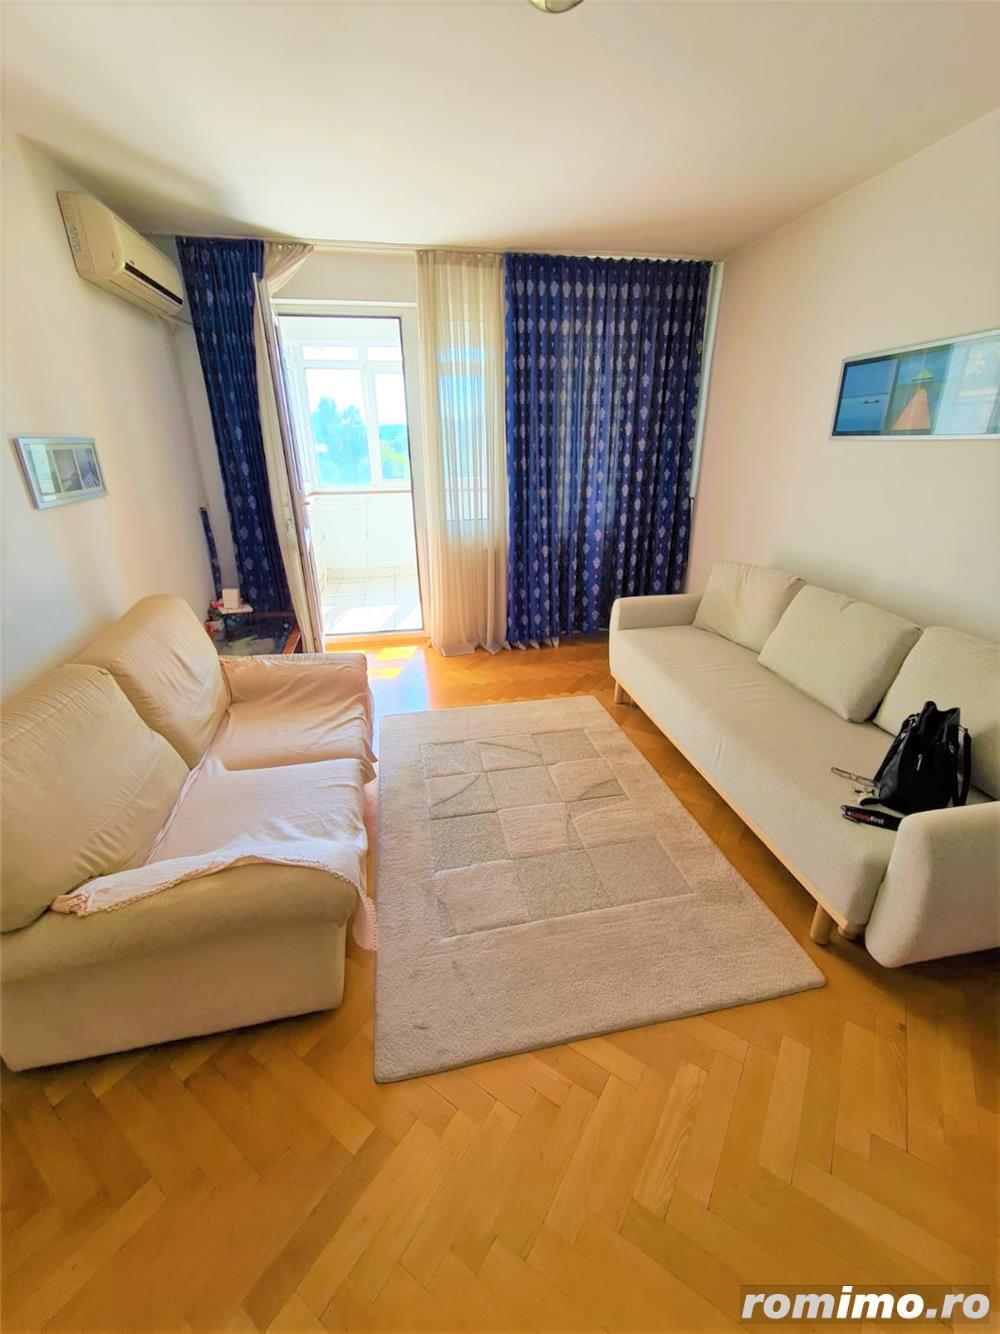 Apartament 2 camere Baba Novac Bloc mega image